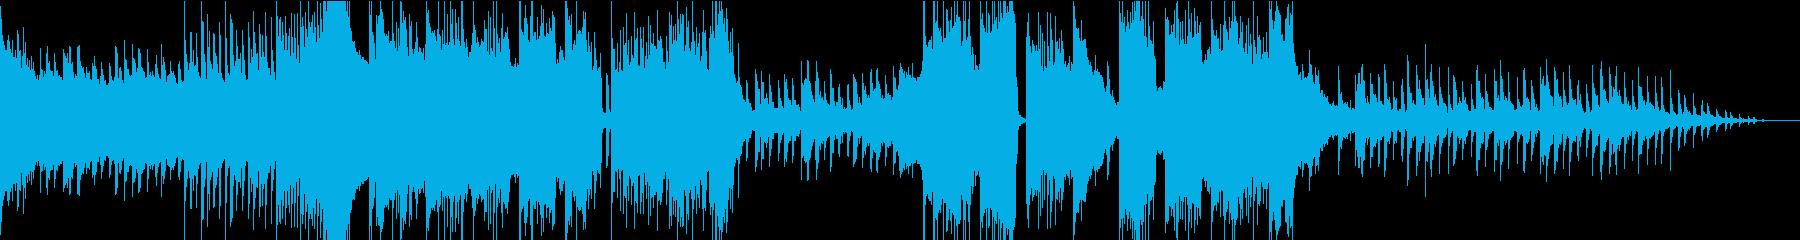 攻撃的なワブルベースのダブステップの再生済みの波形